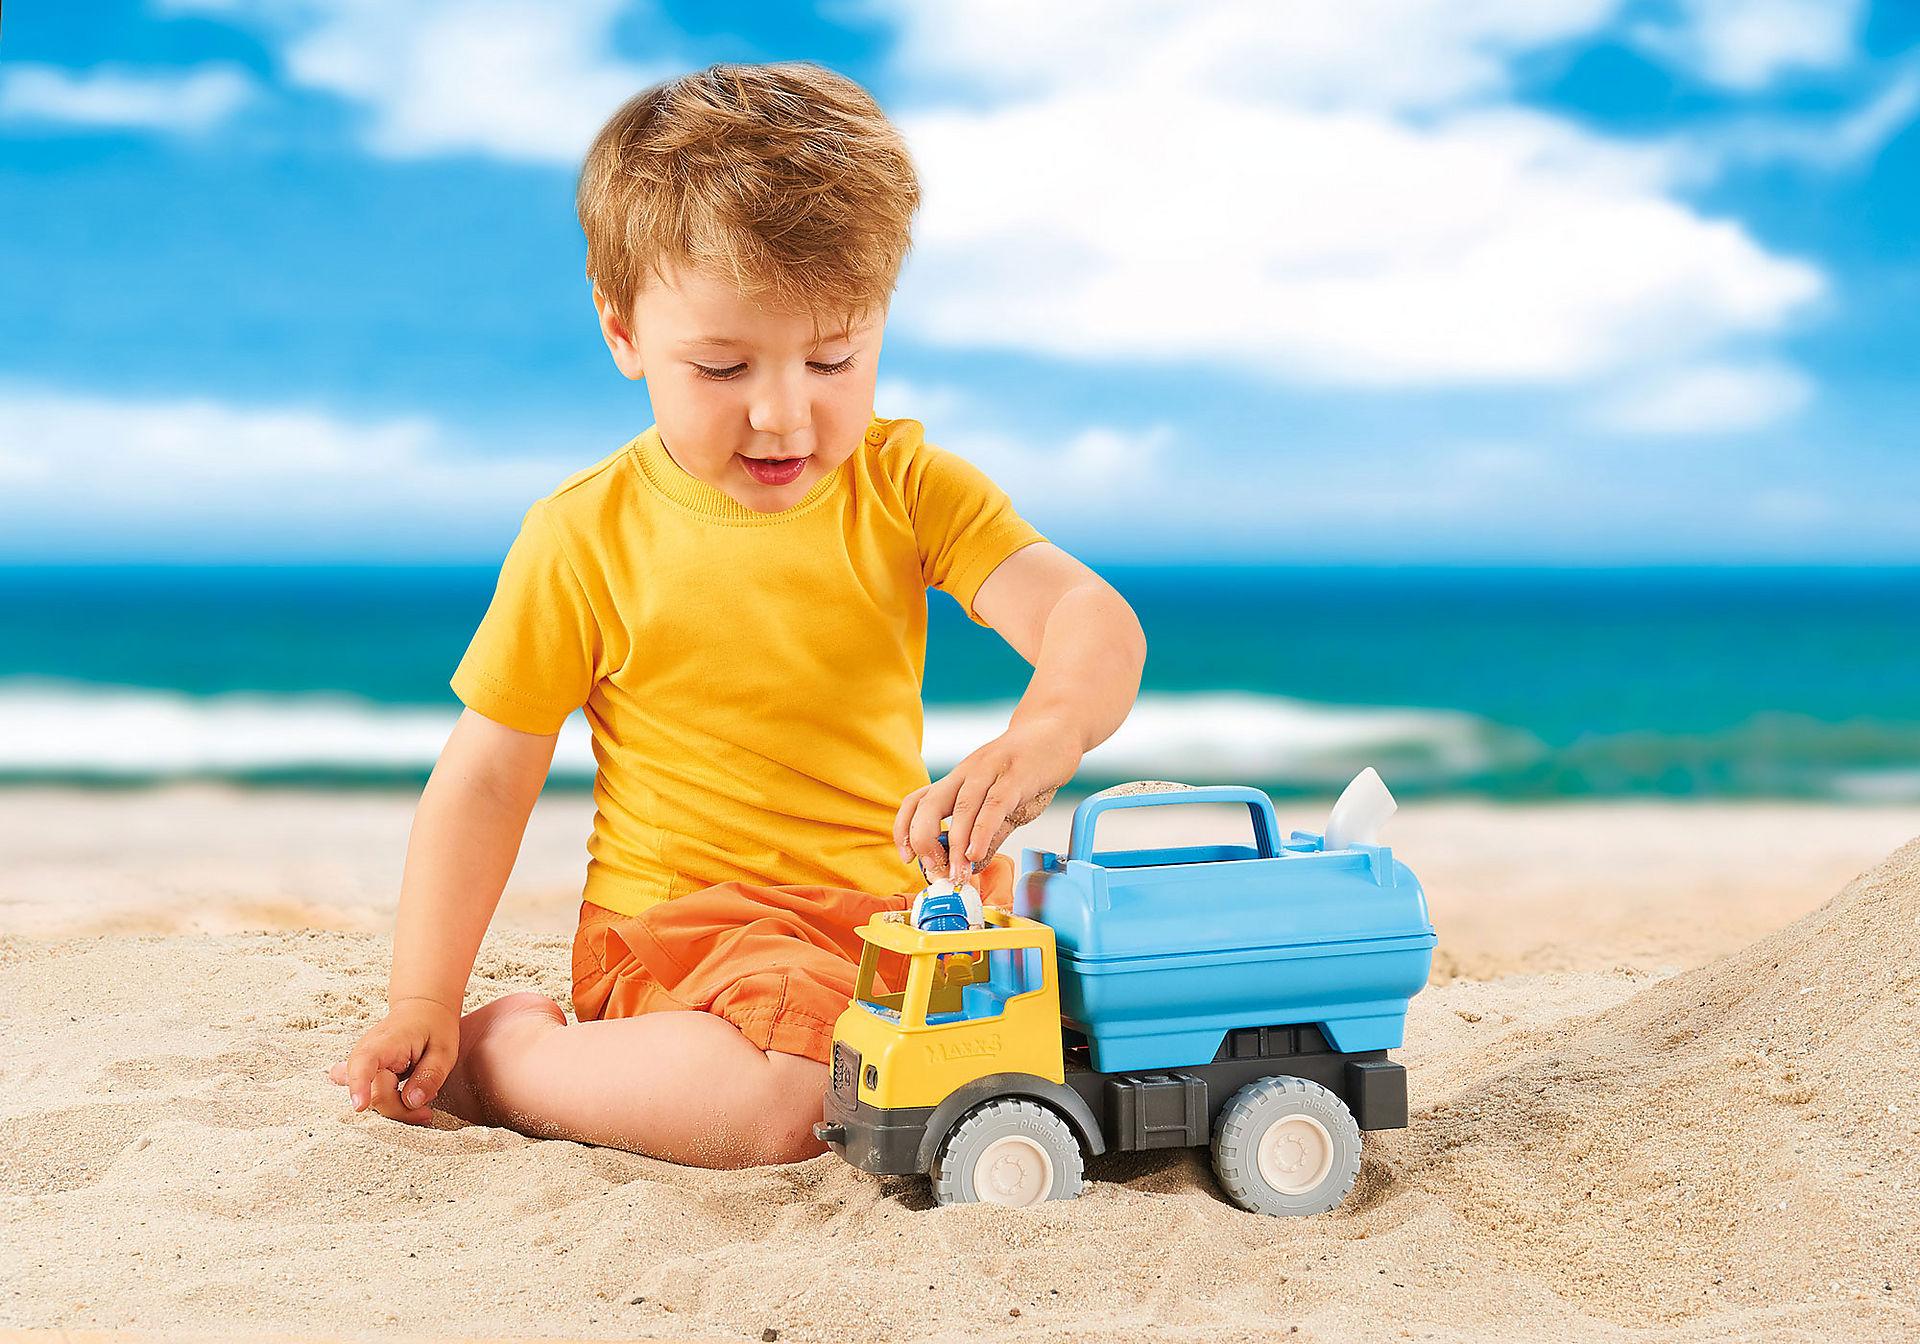 http://media.playmobil.com/i/playmobil/9144_product_extra1/Vattentankbil